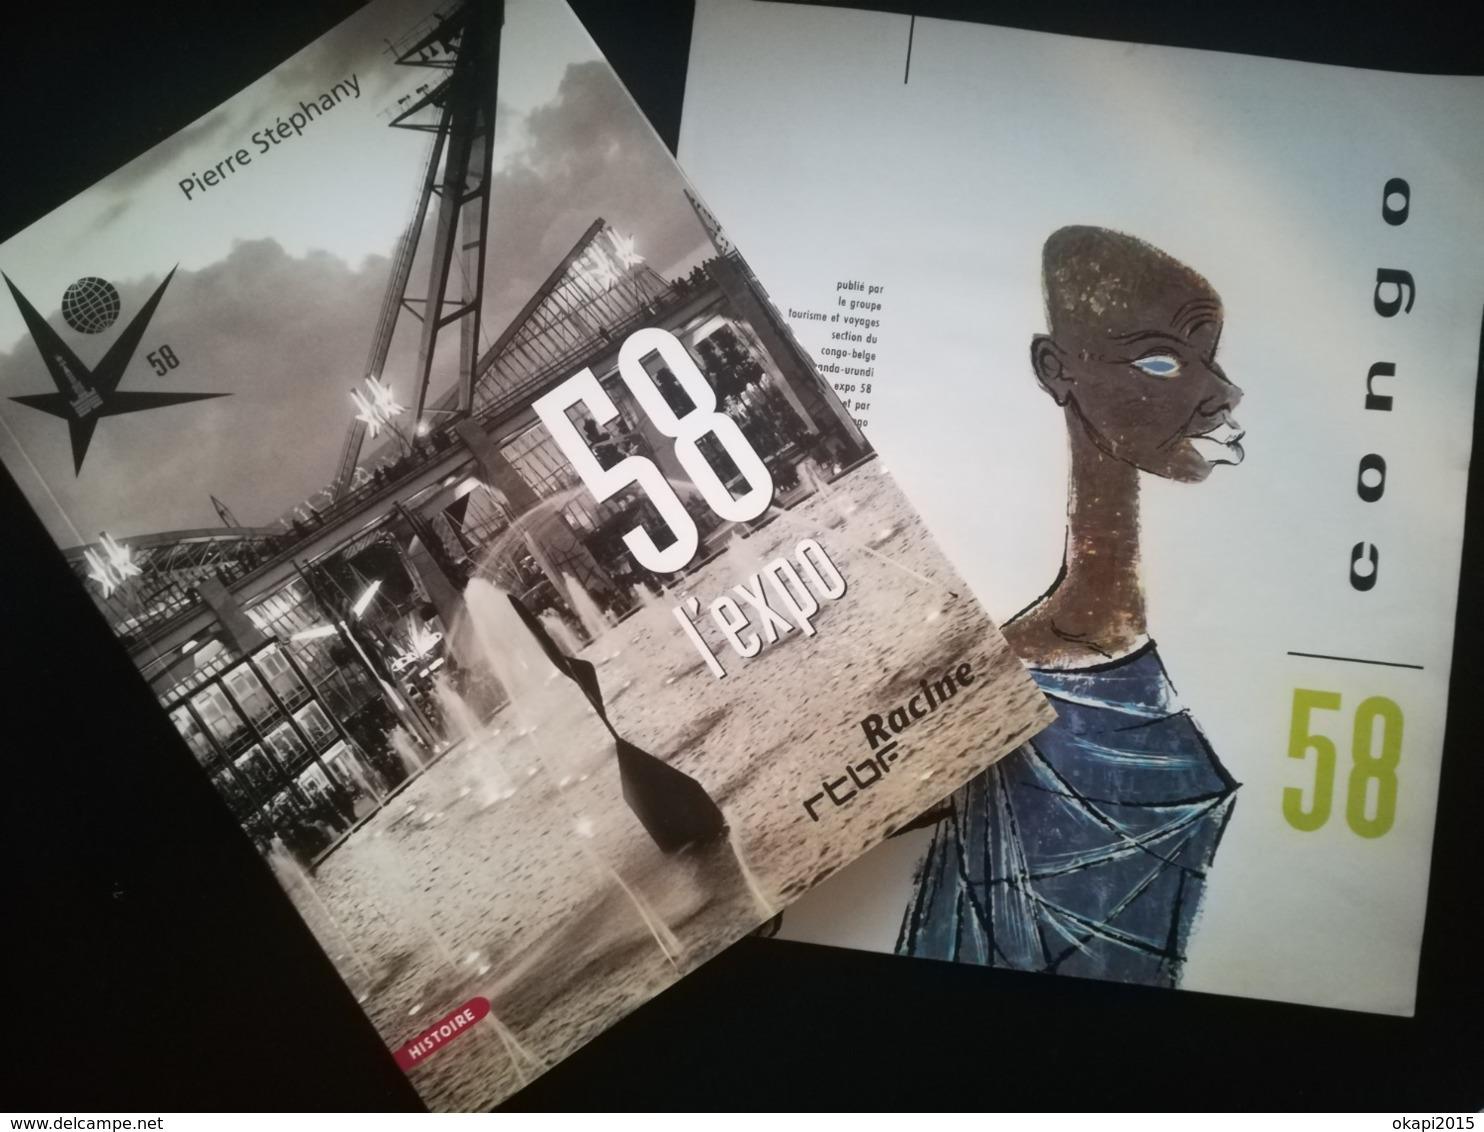 EXPOSITION INTERNATIONALE ET UNIVERSELLE DE BRUXELLES DE 1958  UN LIVRE +  UN LIVRET CONGO 58 BELGIQUE - Belgique